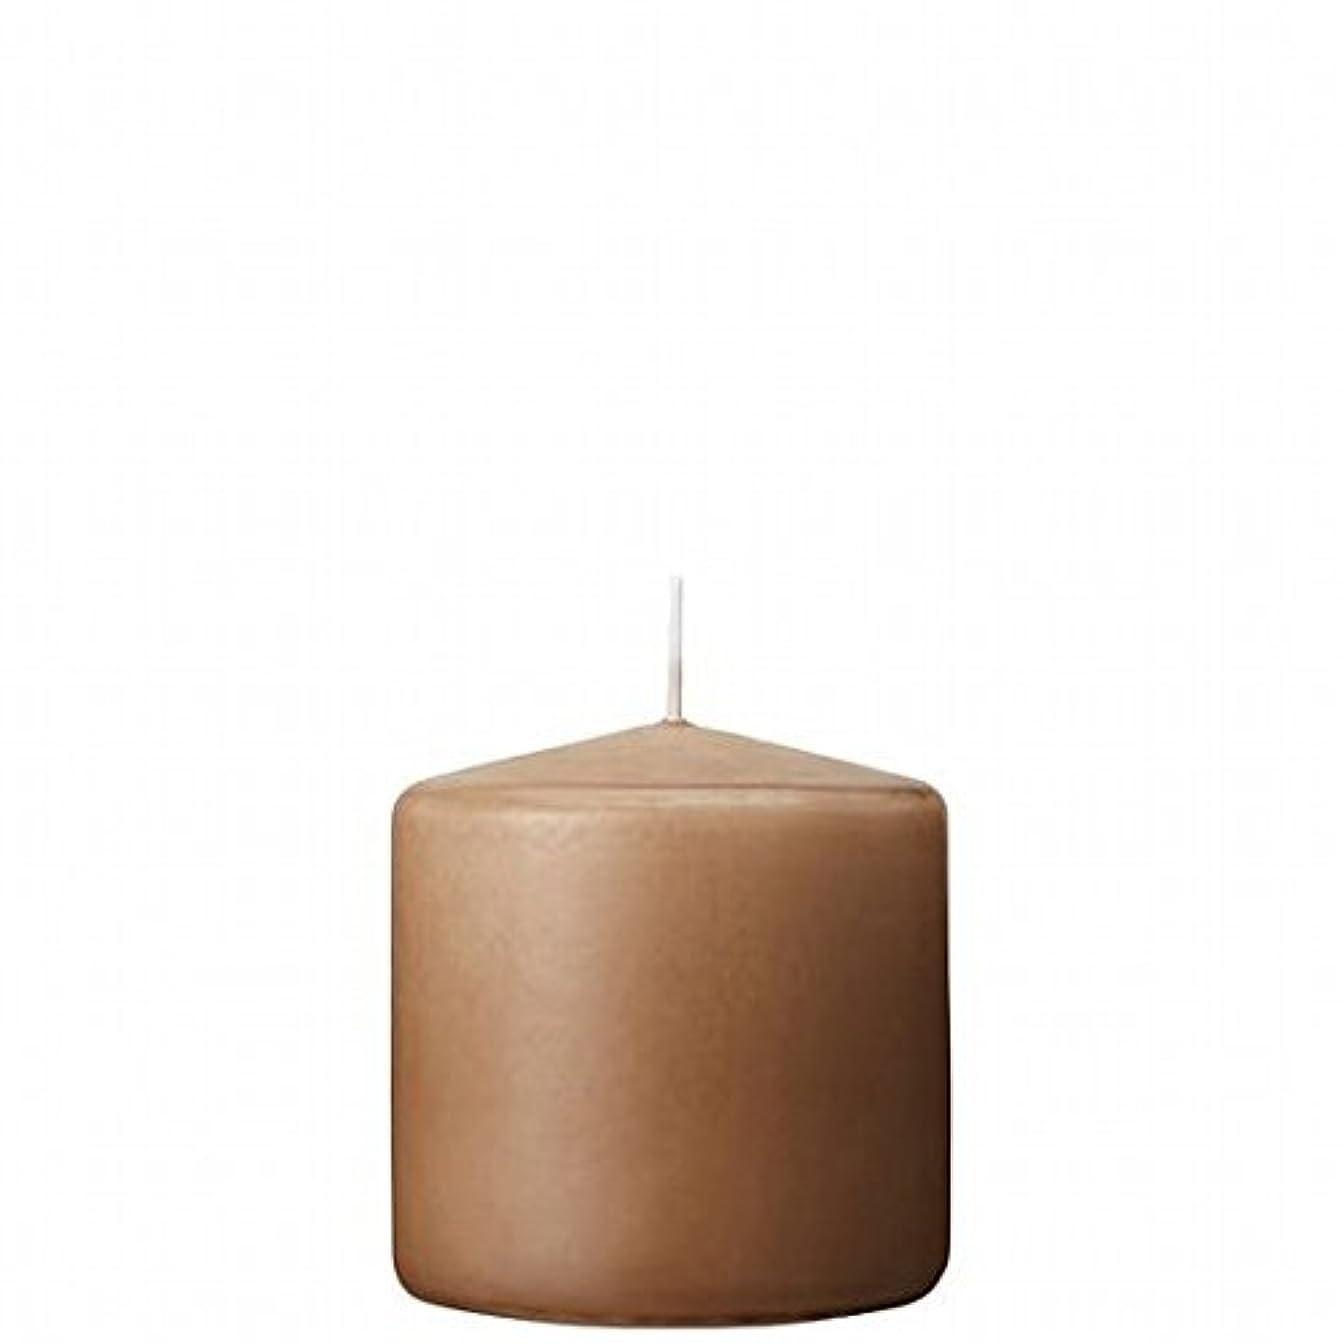 水っぽい包括的国際kameyama candle(カメヤマキャンドル) 3×3ベルトップピラーキャンドル 「 モカ 」(A9730000MO)